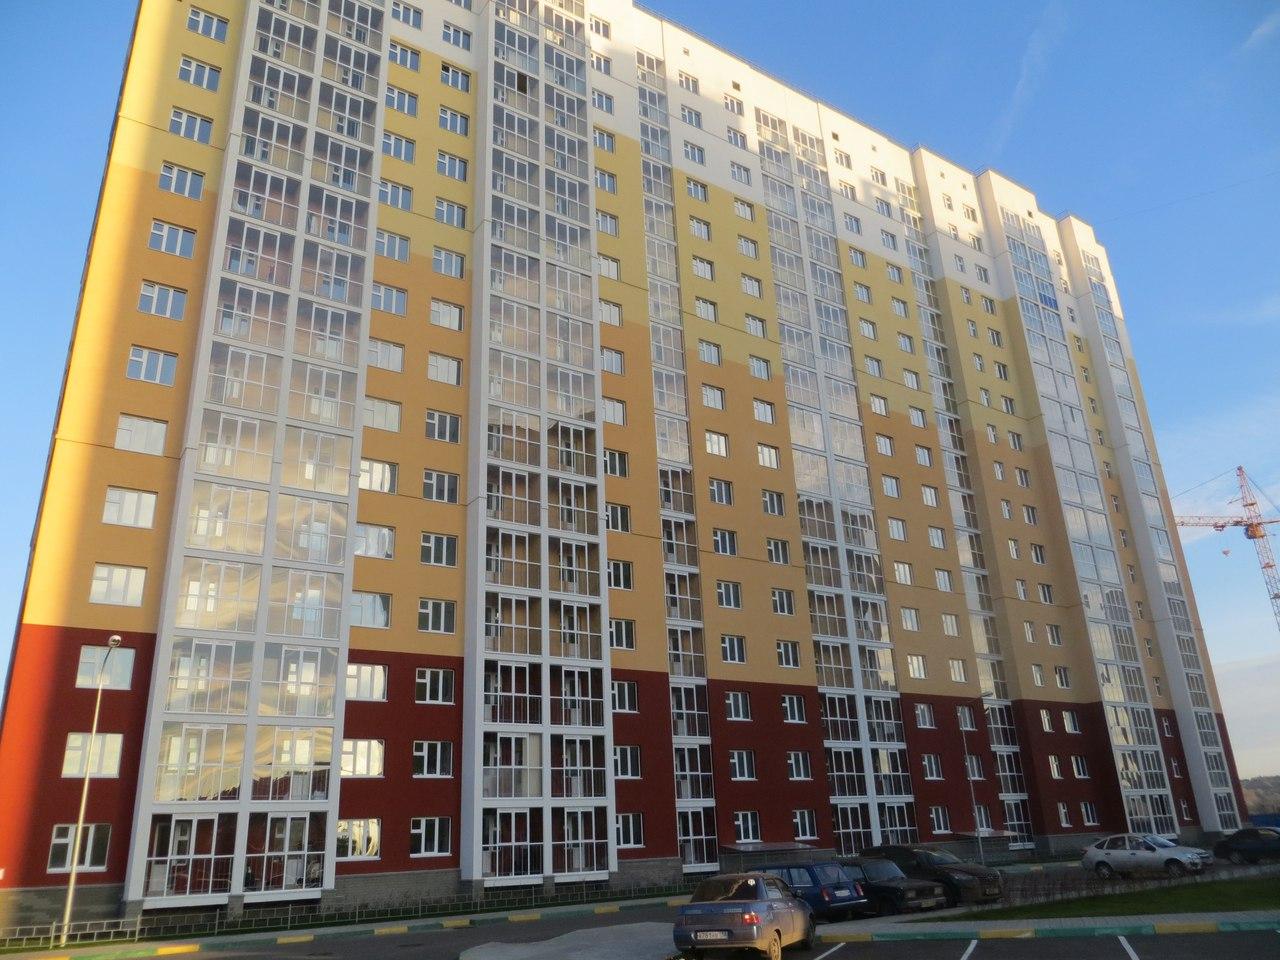 Продается с шикарным видом из окон на реку 1 комнатная квартира ЖК Юг от собственника по выгодной ценеБульвар Южный